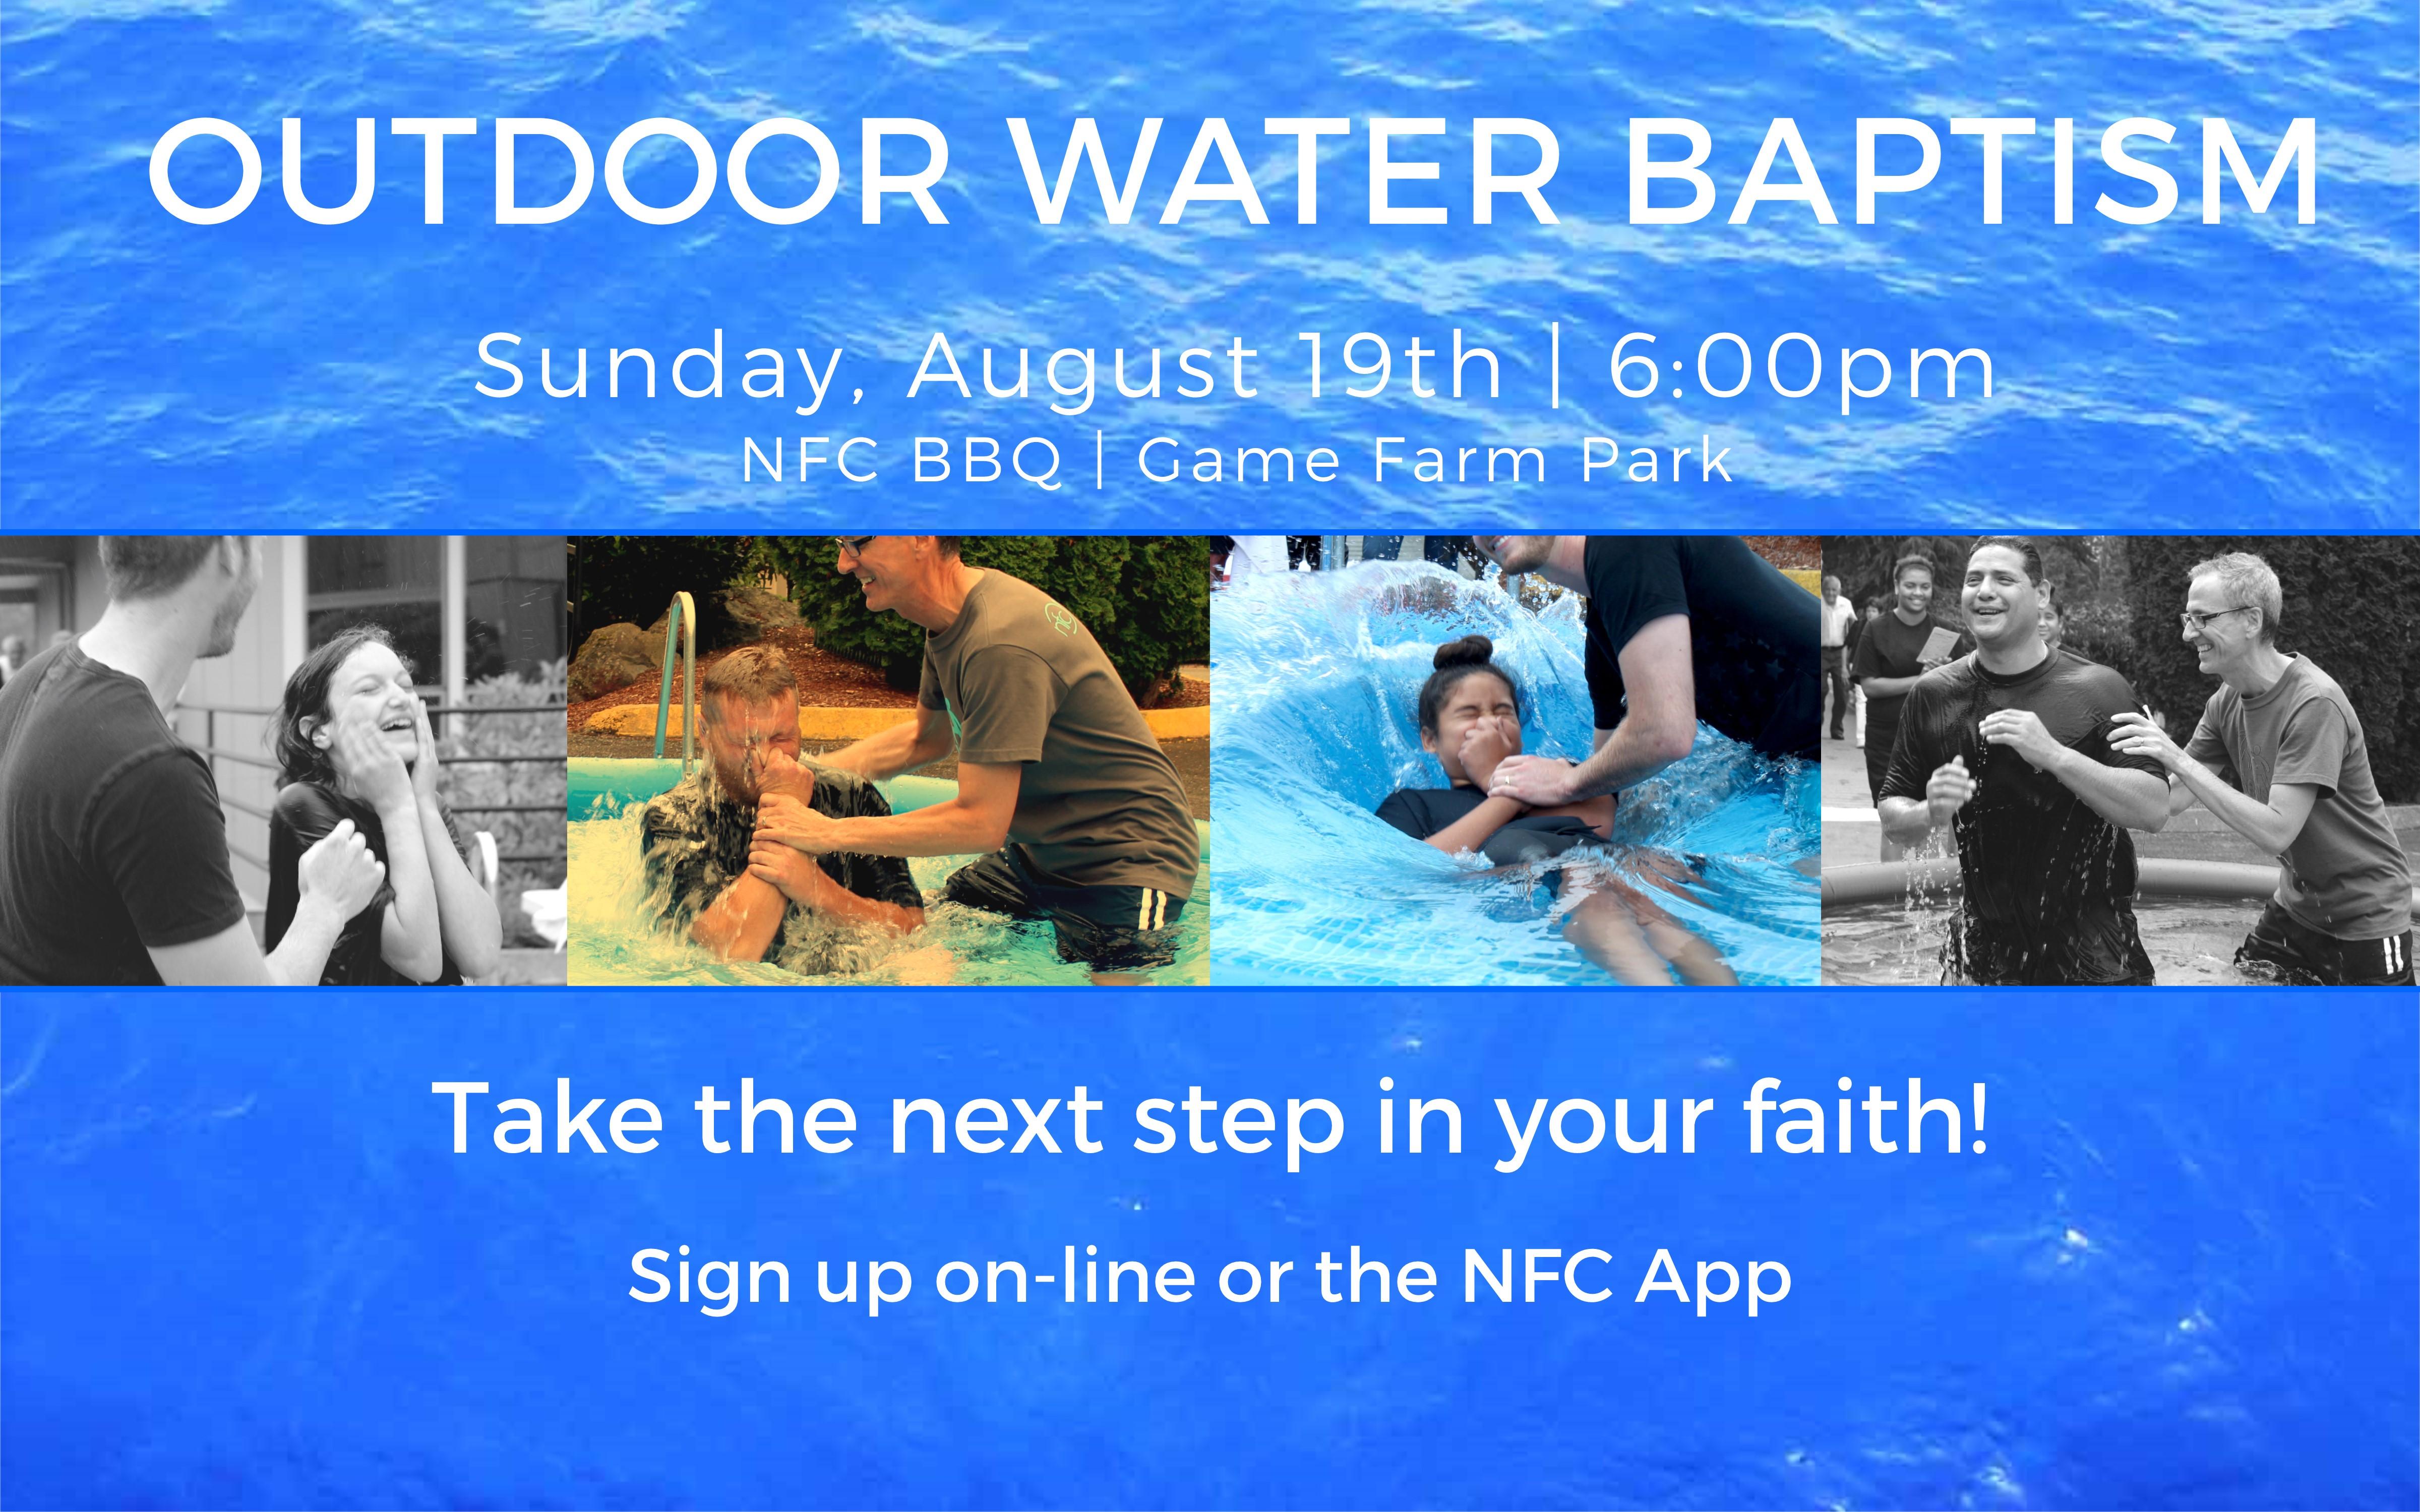 Outdoor baptism slide